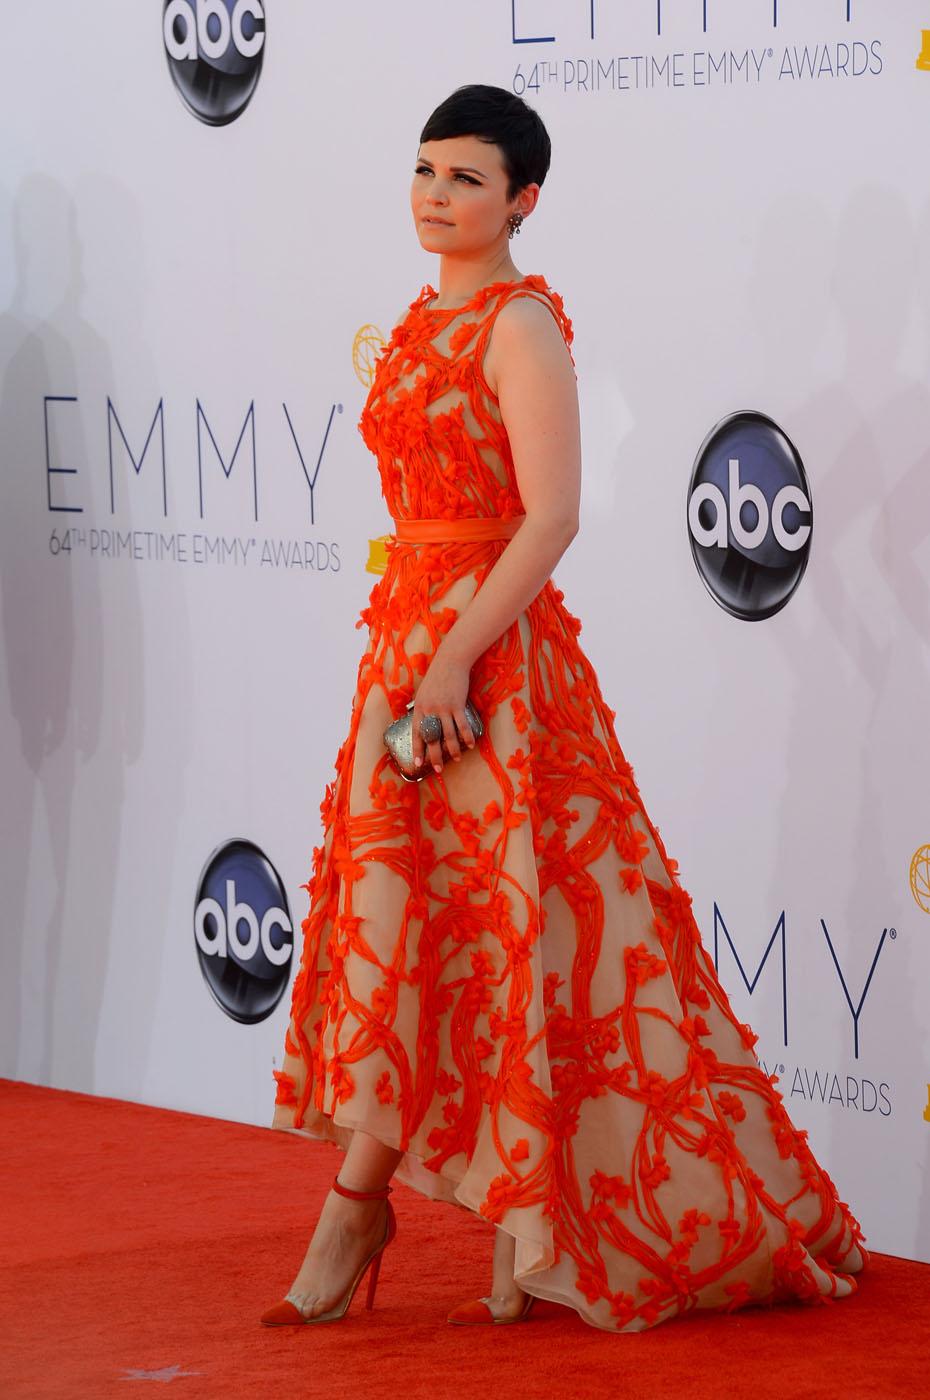 Ginnifer Goodwin - 2012 Emmy Awards, Red Carpet Looks